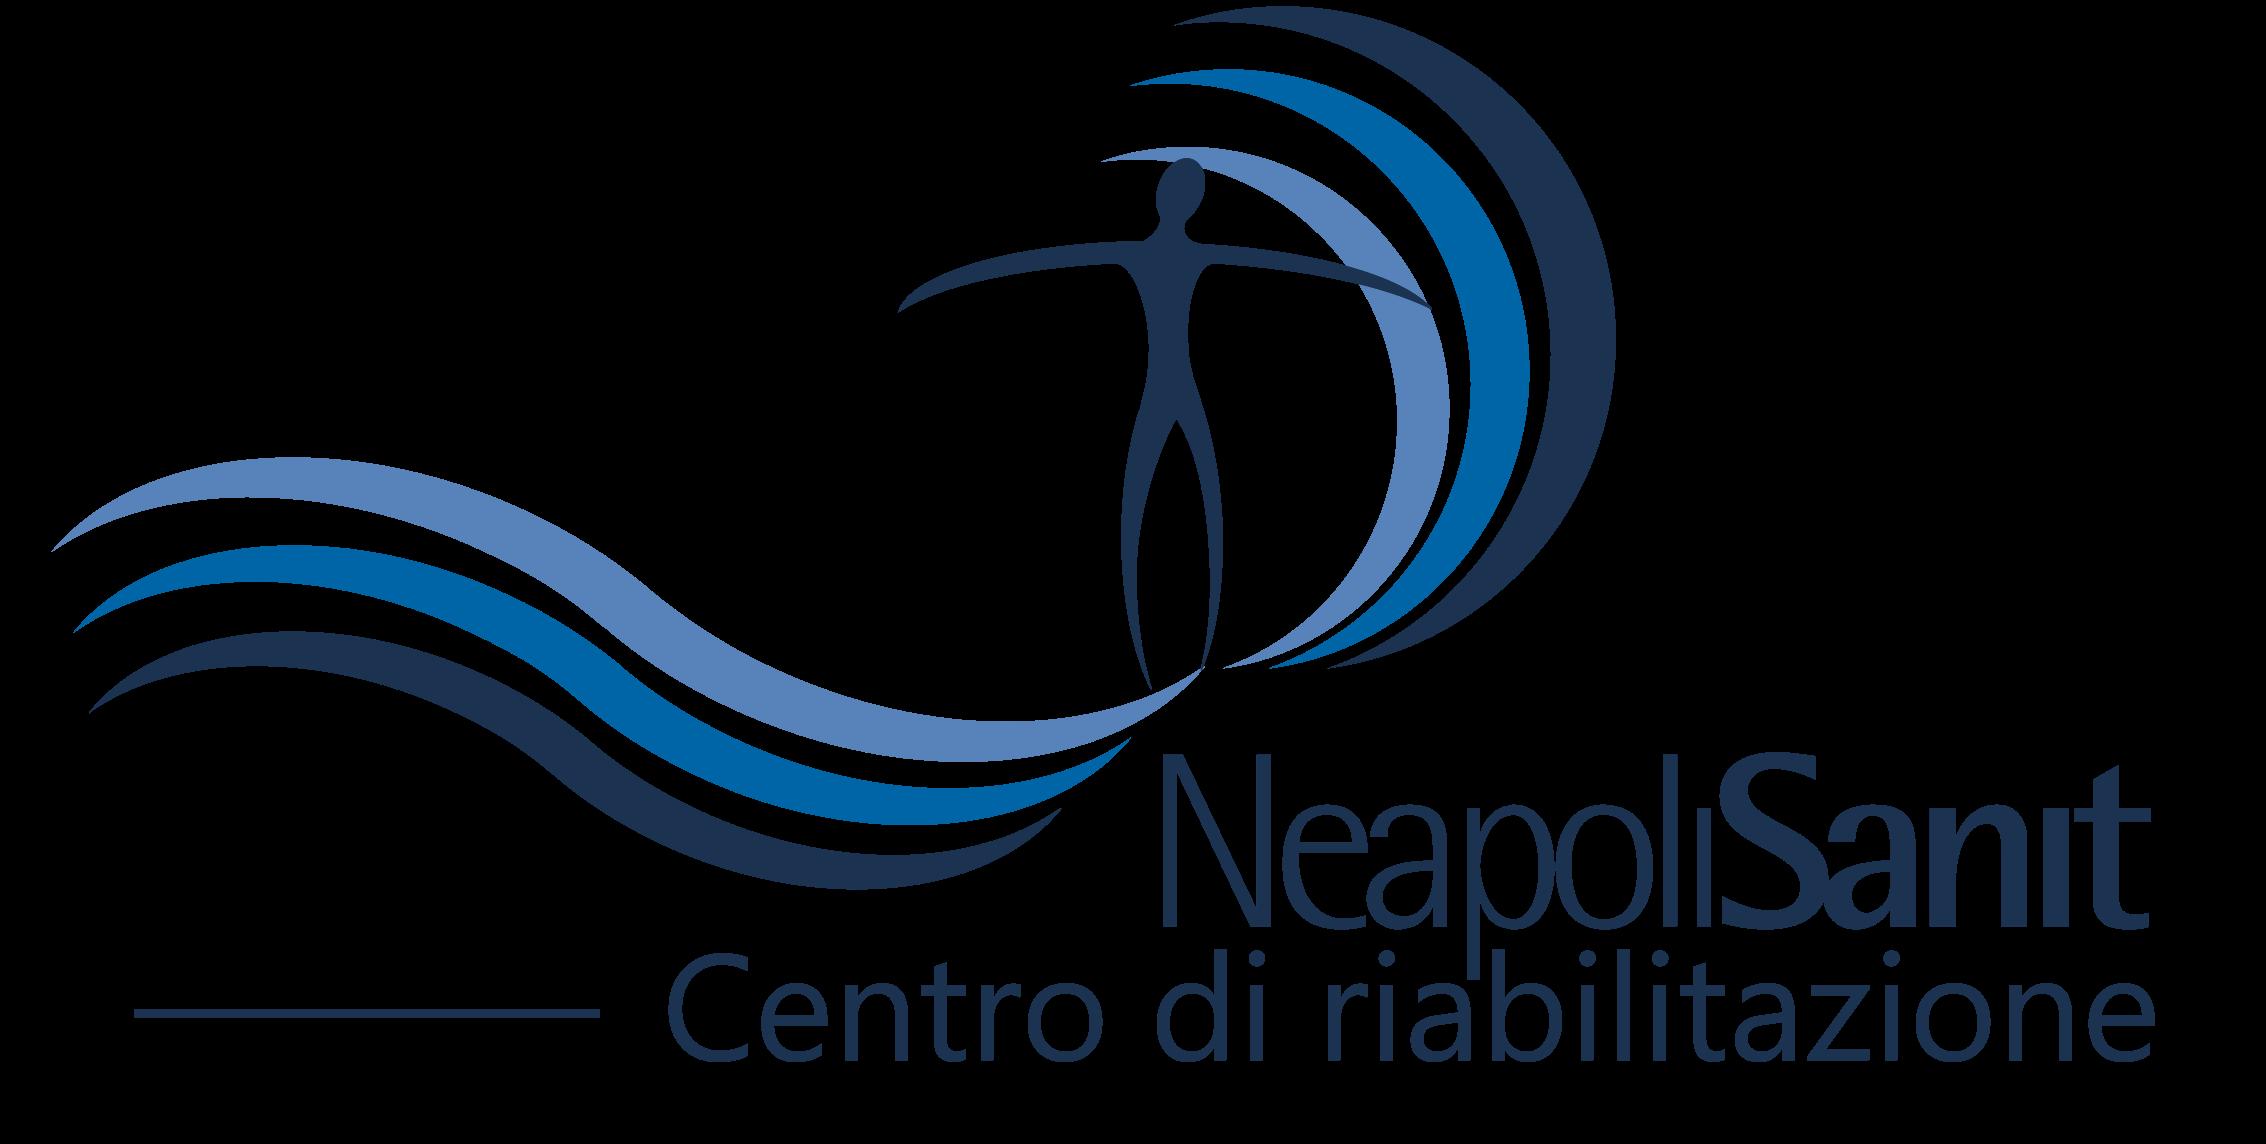 Neapolisanit Centro Neapolisanit Ottaviano Autismo Campania